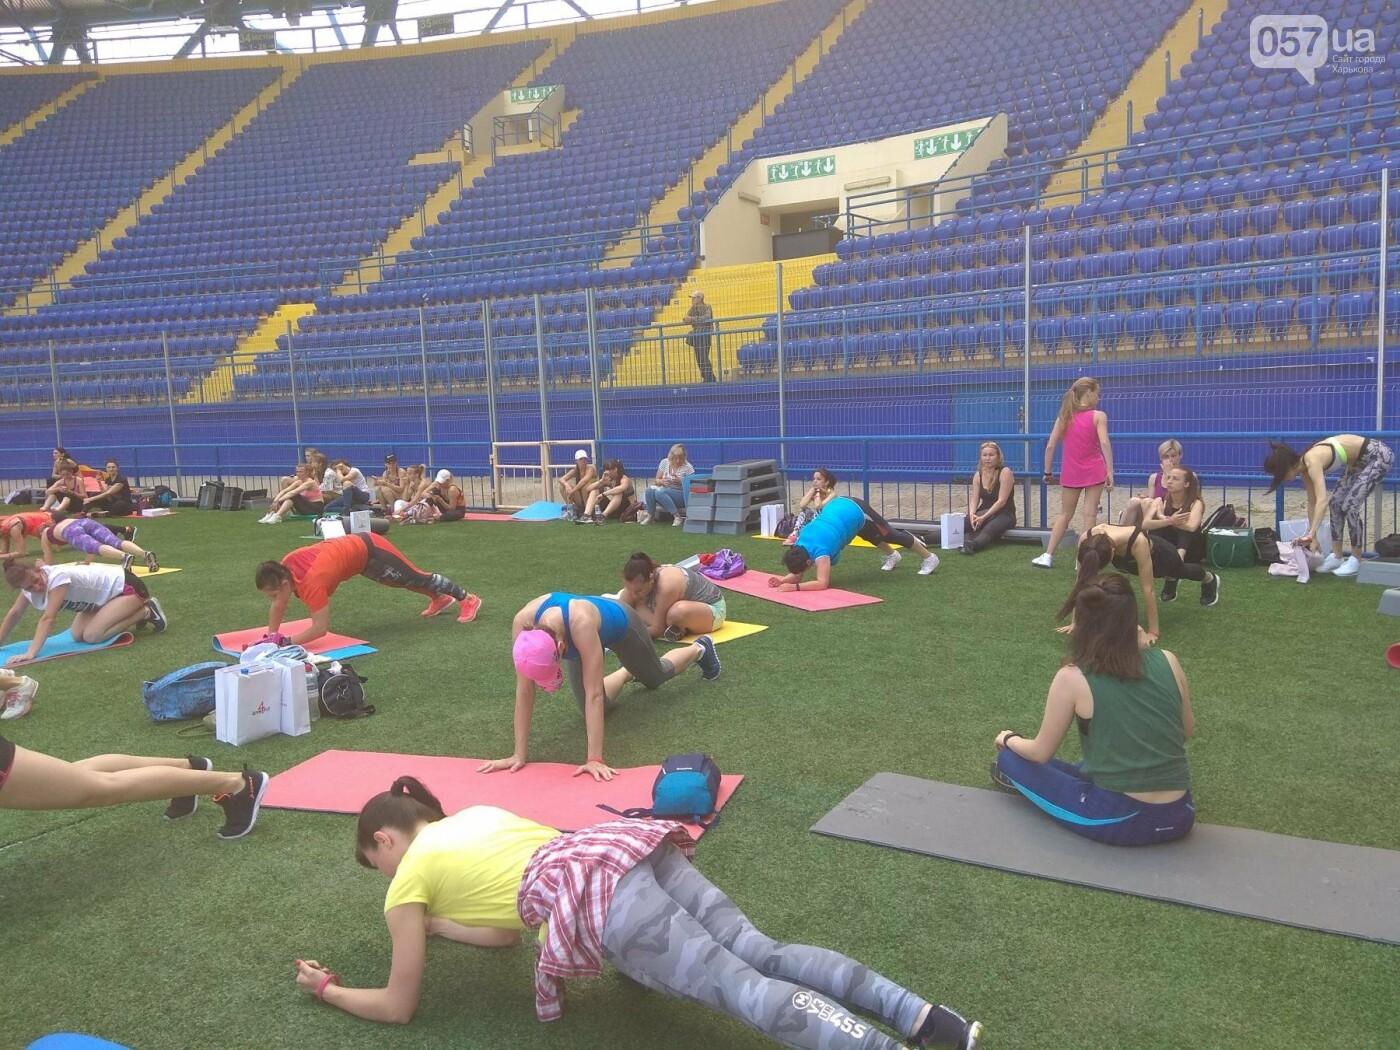 Фитнес и силовые упражнения. Как в Харькове проходят соревнования по кроссфиту, - ФОТО, фото-3